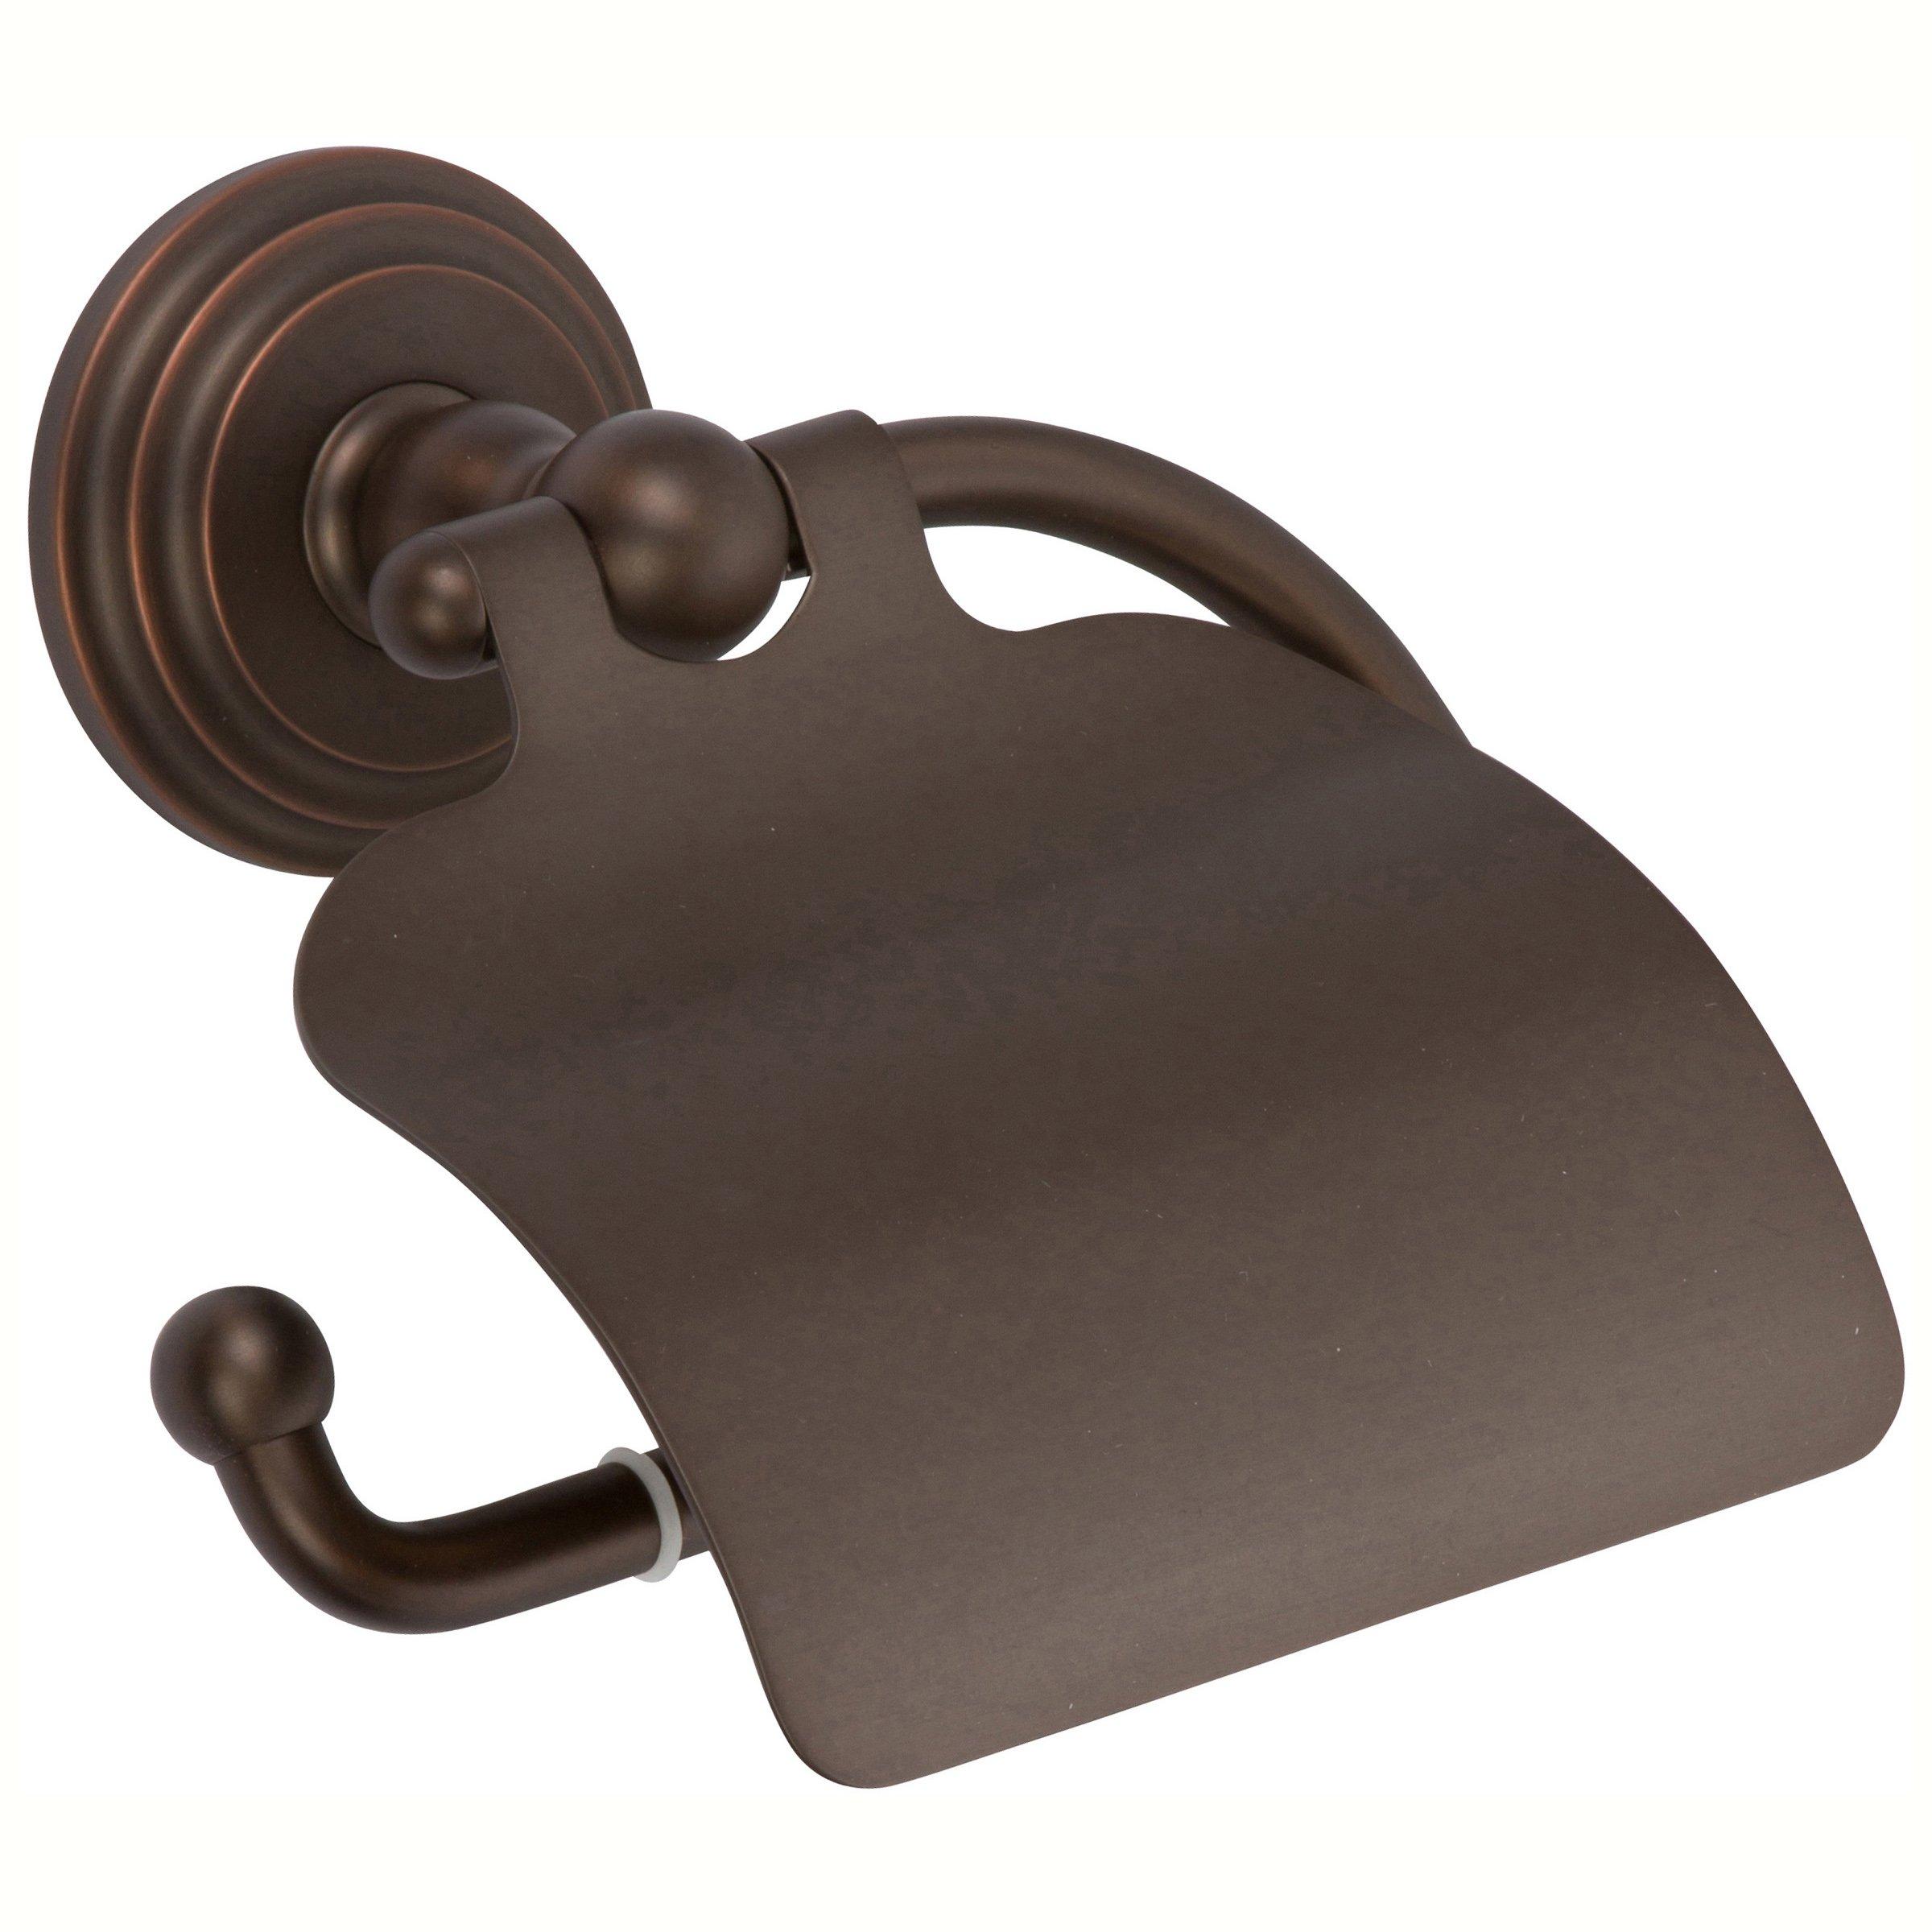 Ginger 1127/ORB Chelsea Single-Post Toilet Paper Holder, Hooded Tissue, Oil Rubbed Bronze